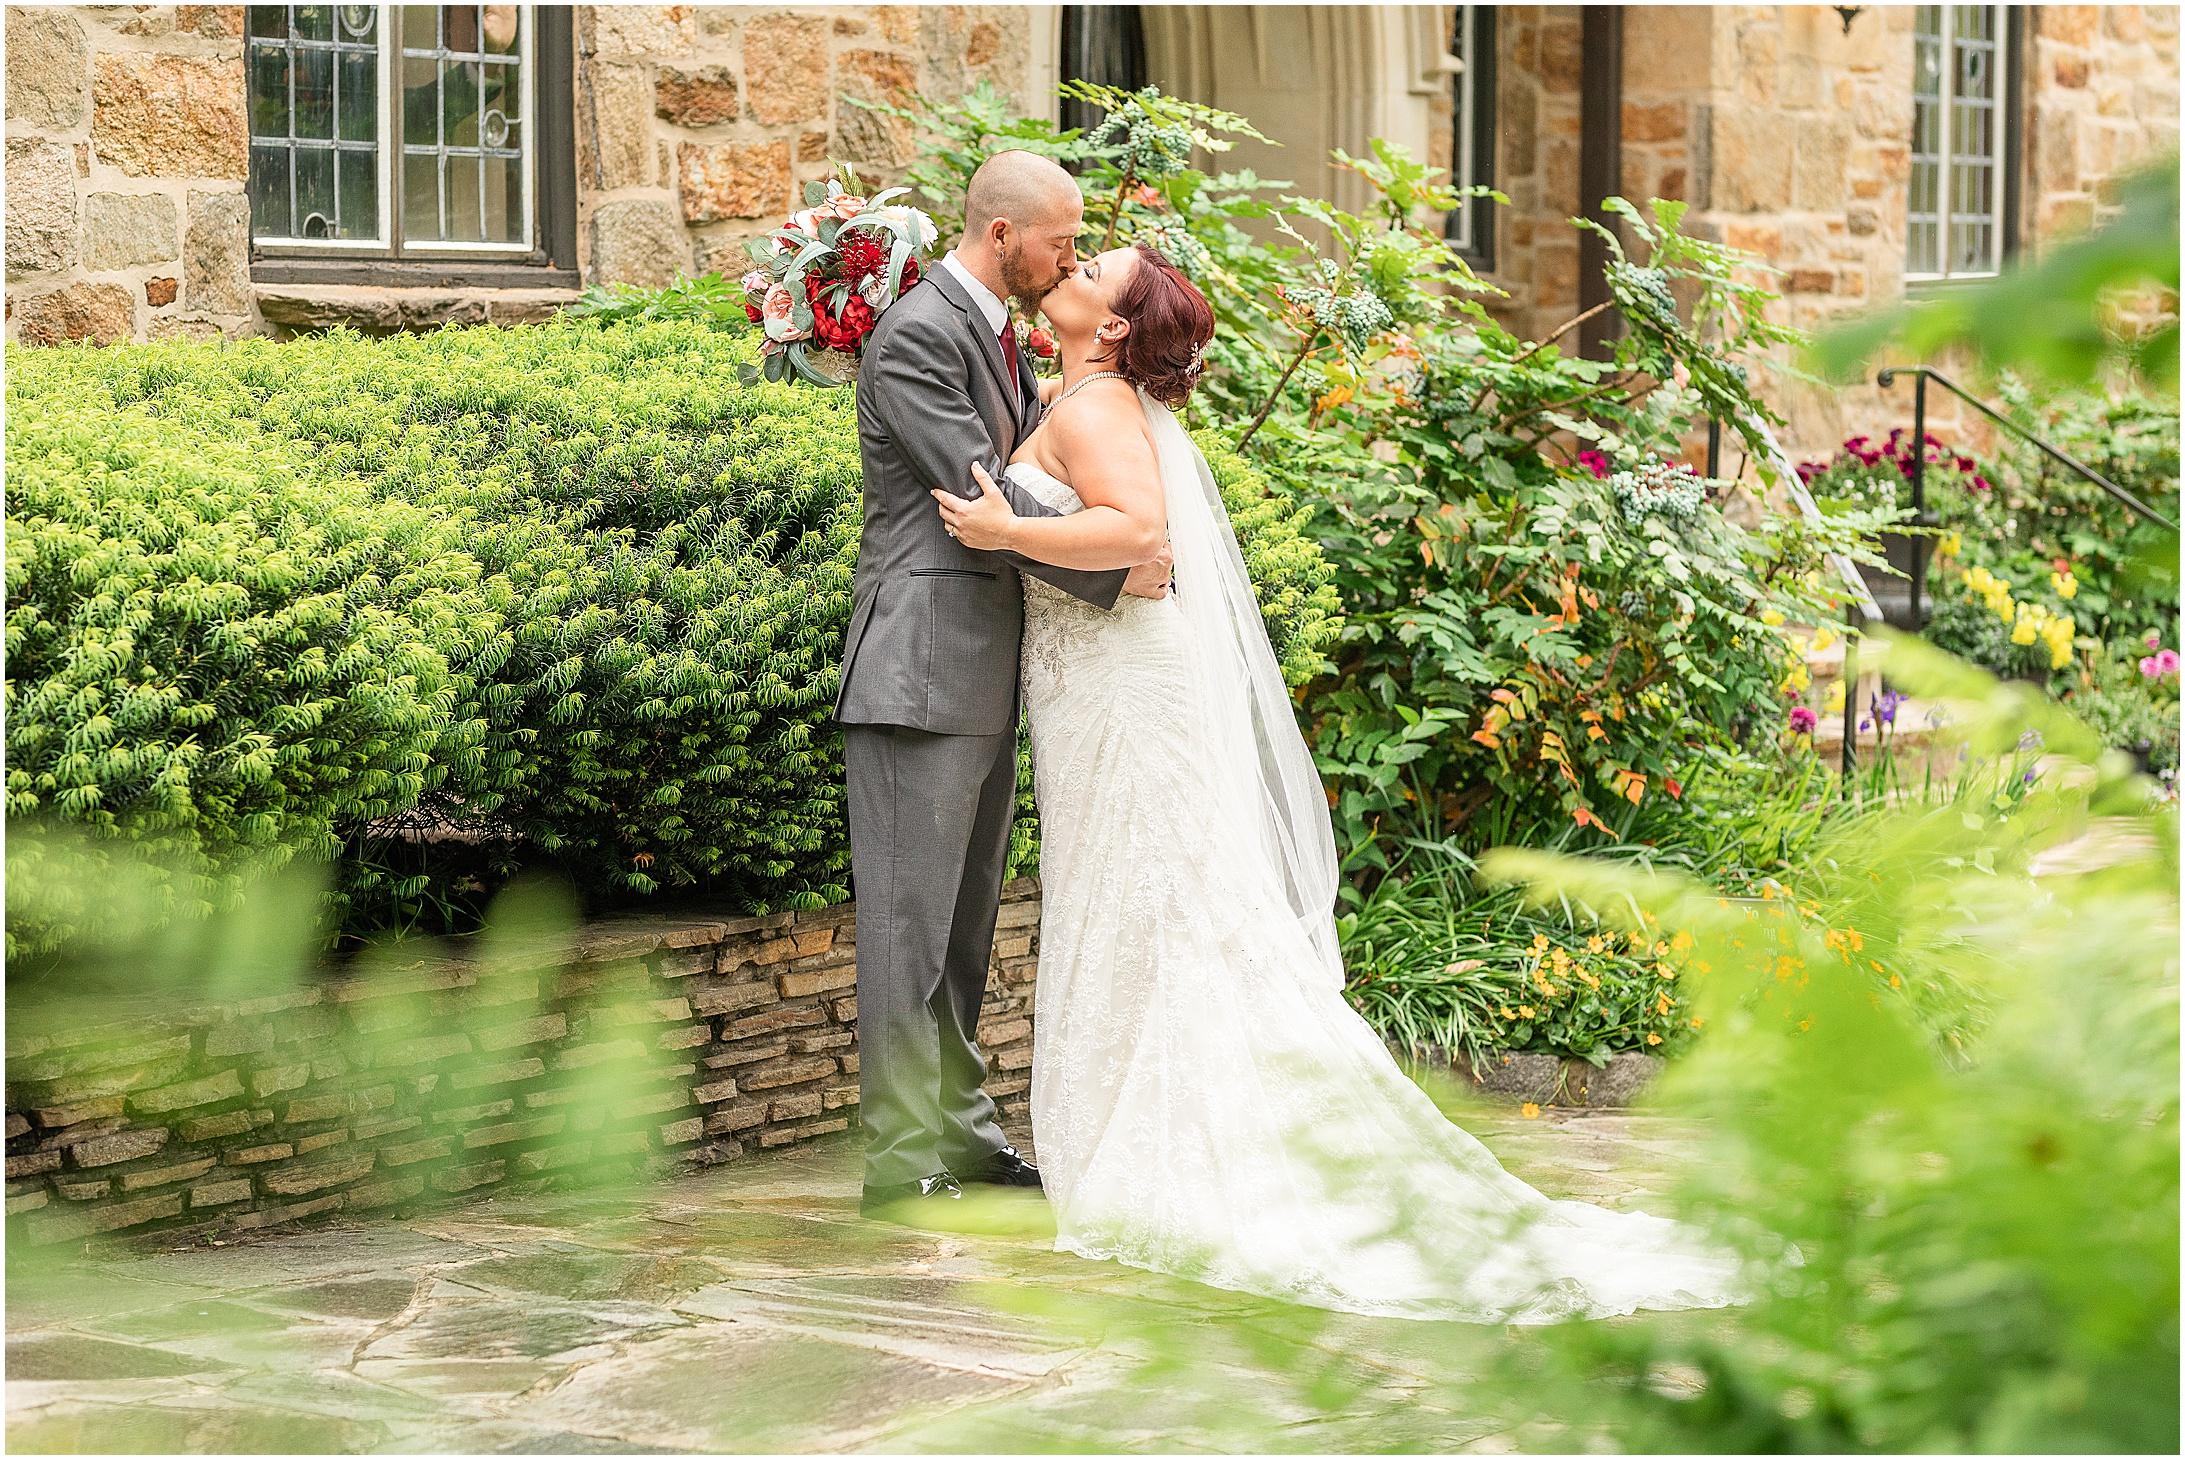 Cloister-Castle-Wedding-Photos_0163.jpg